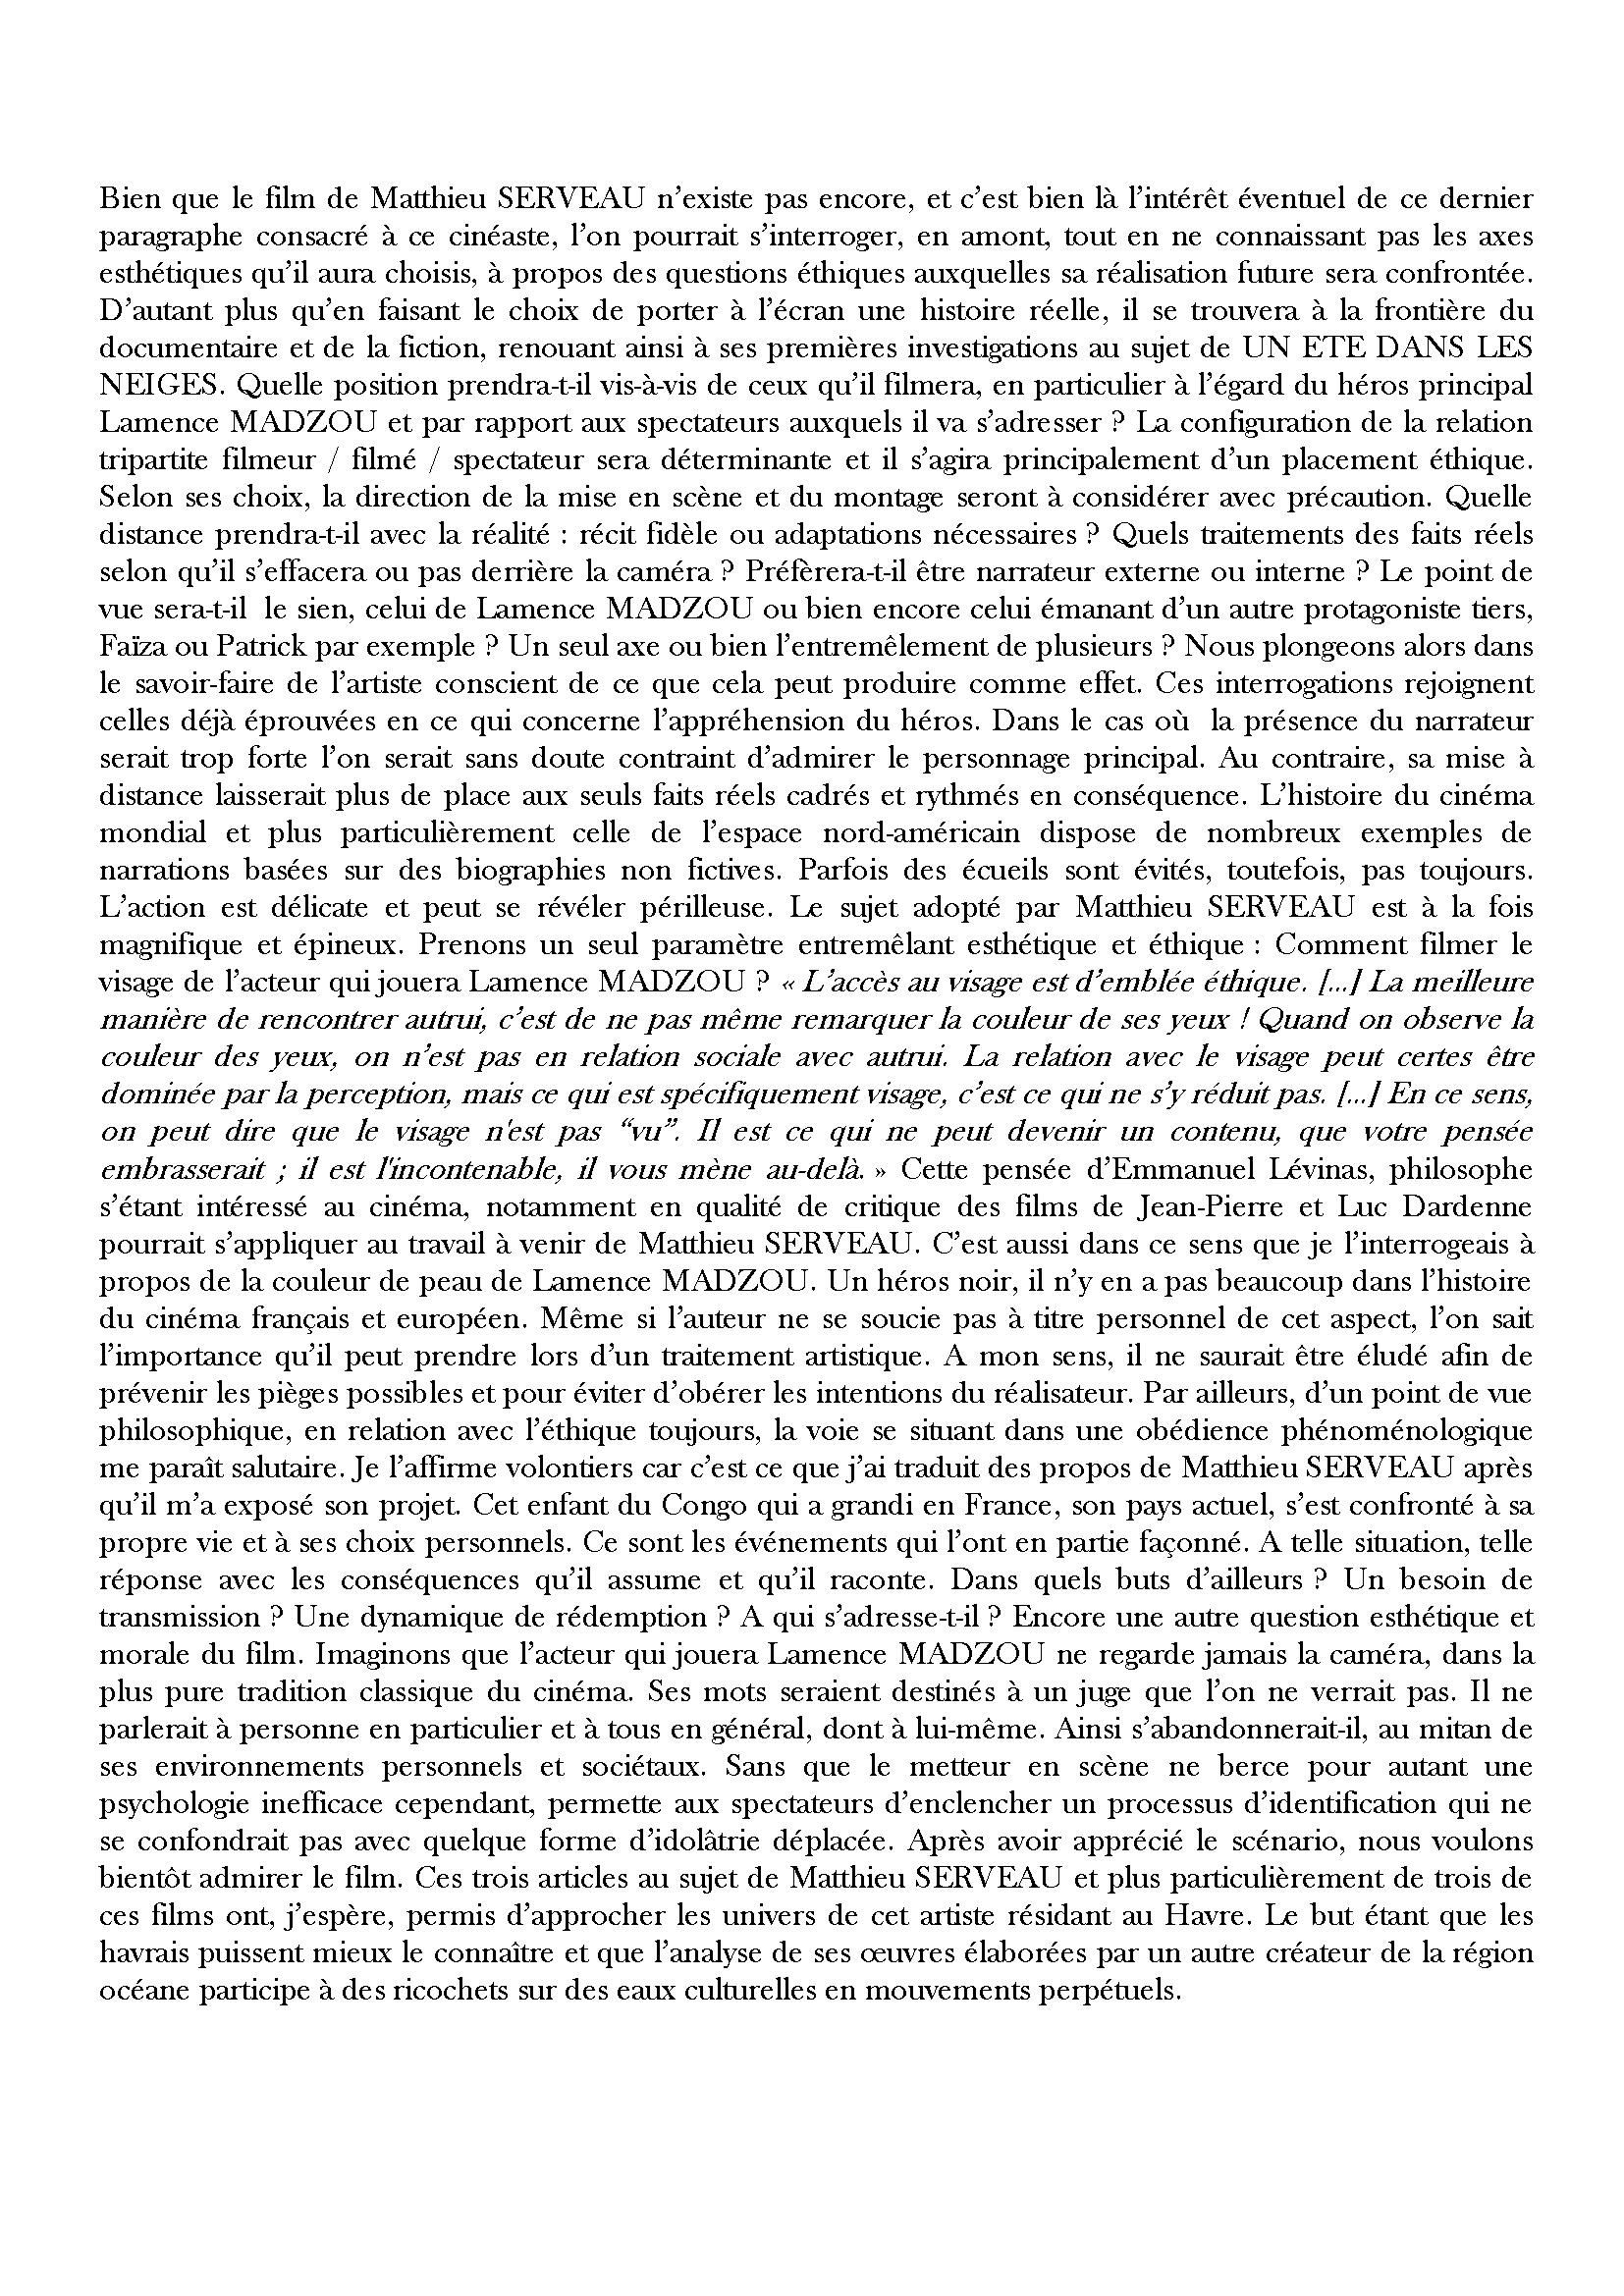 Serveau Matthieu_article 3_Lamence Madzou_Page_6